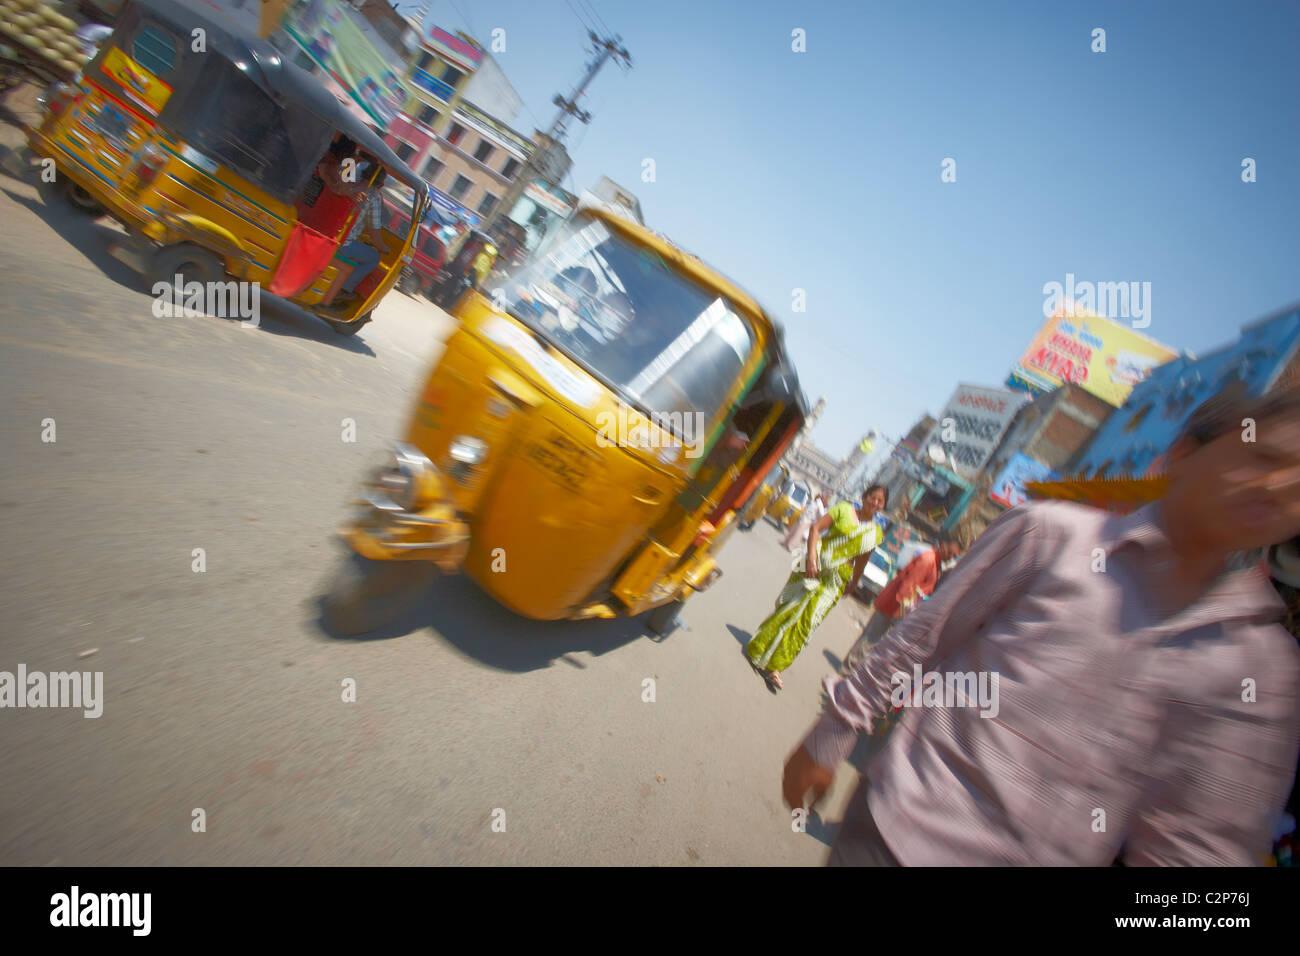 Rikscha-Fahrt in Indien. Stockbild